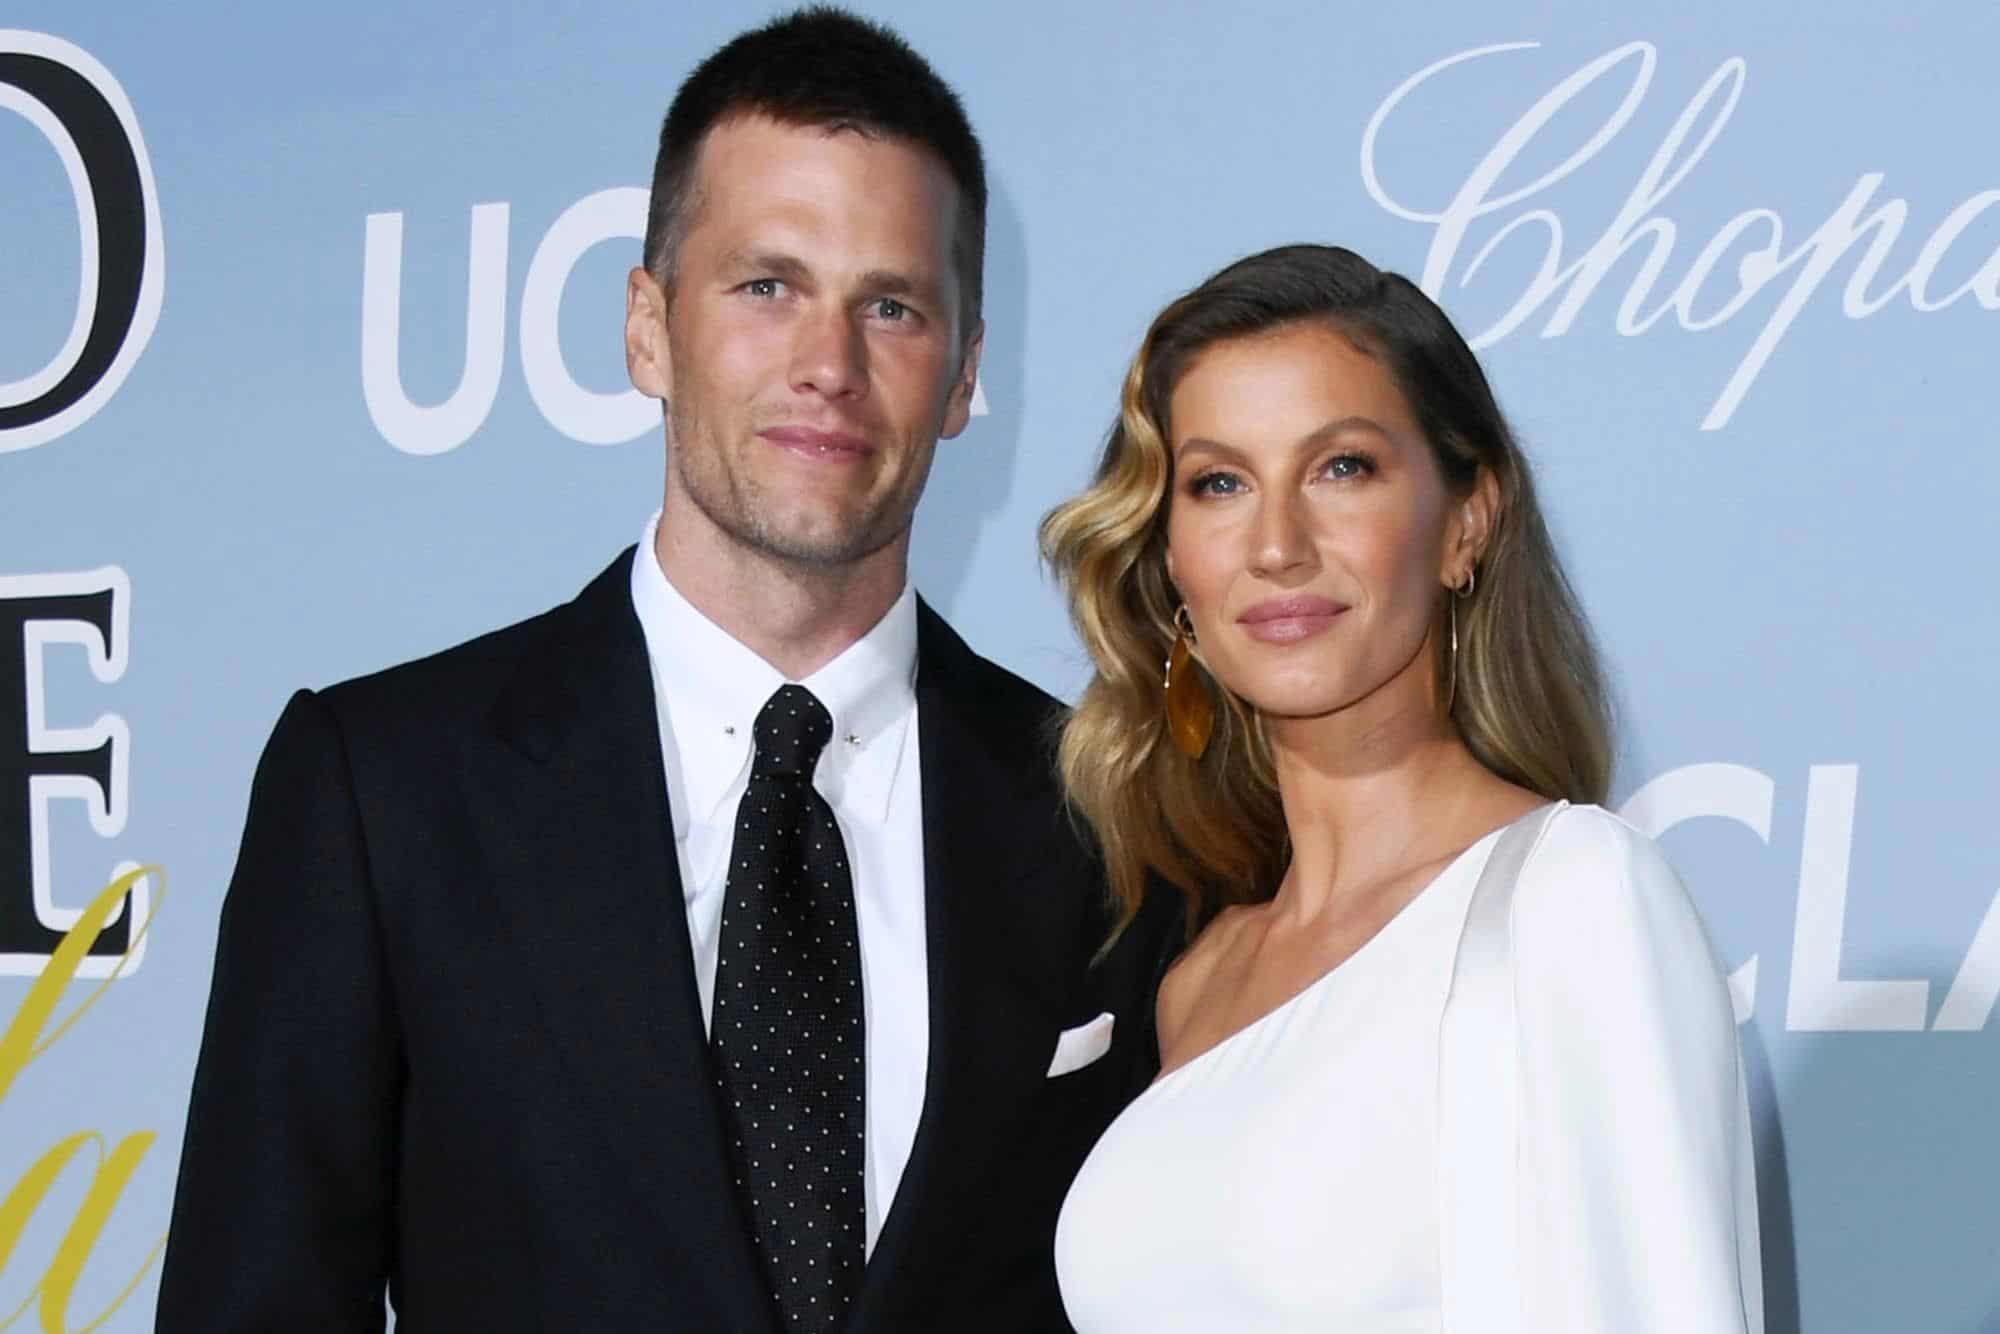 Tom Brady with his wife Gisele Bundchen